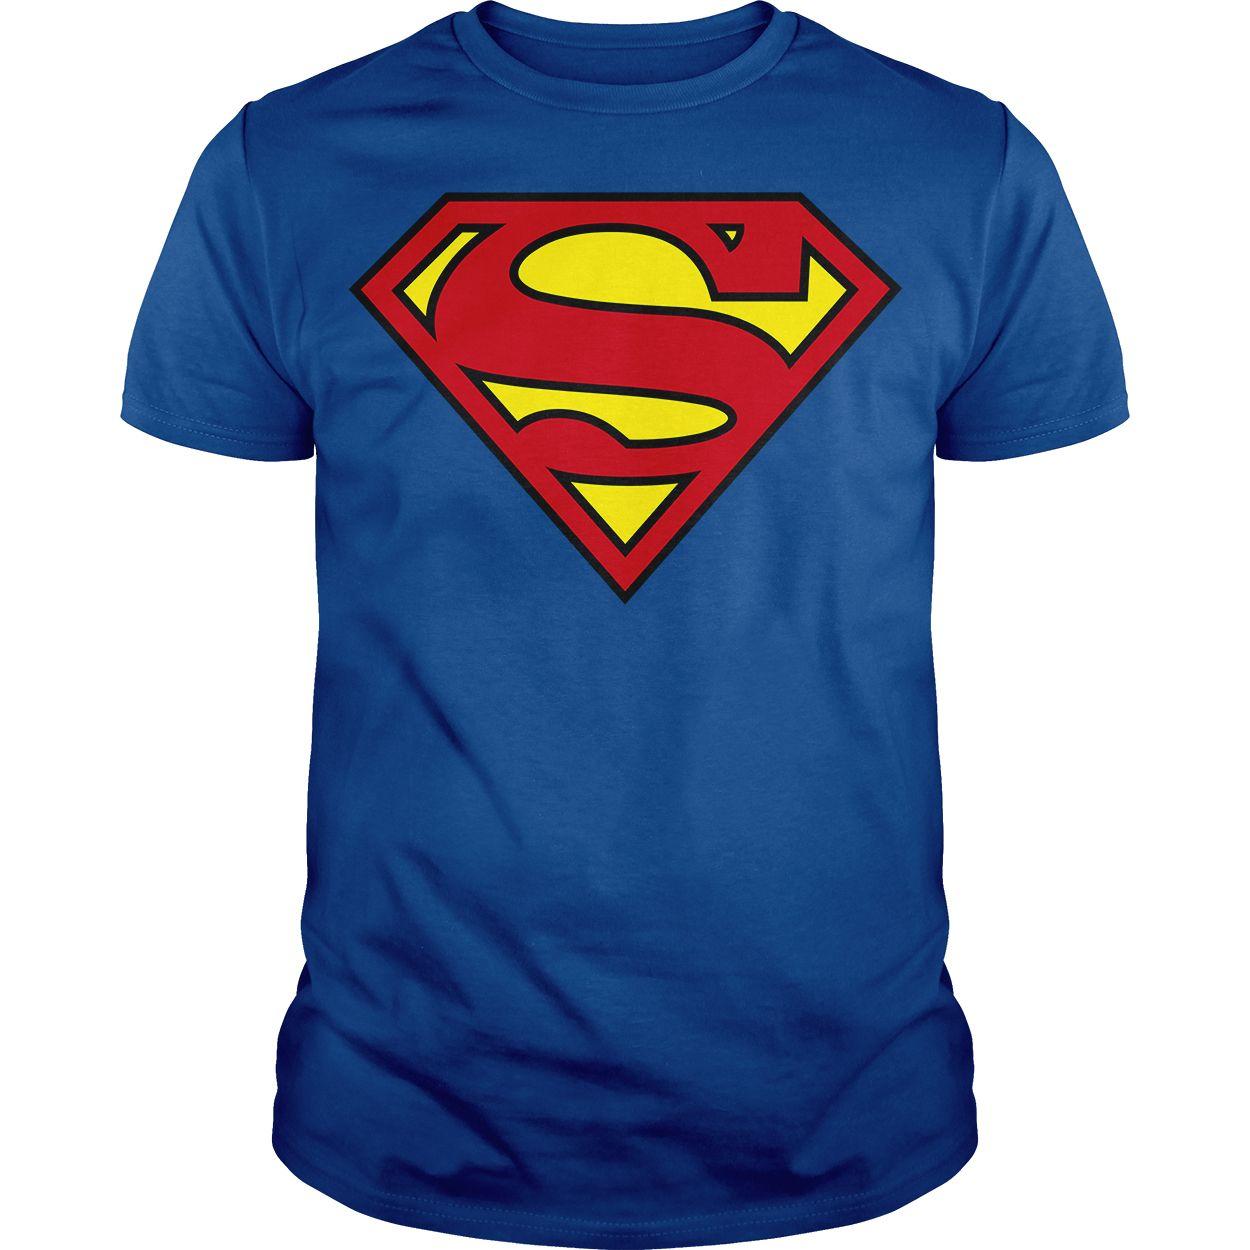 Superman Mexican Shield Symbol DC Comics Adult Tank Top